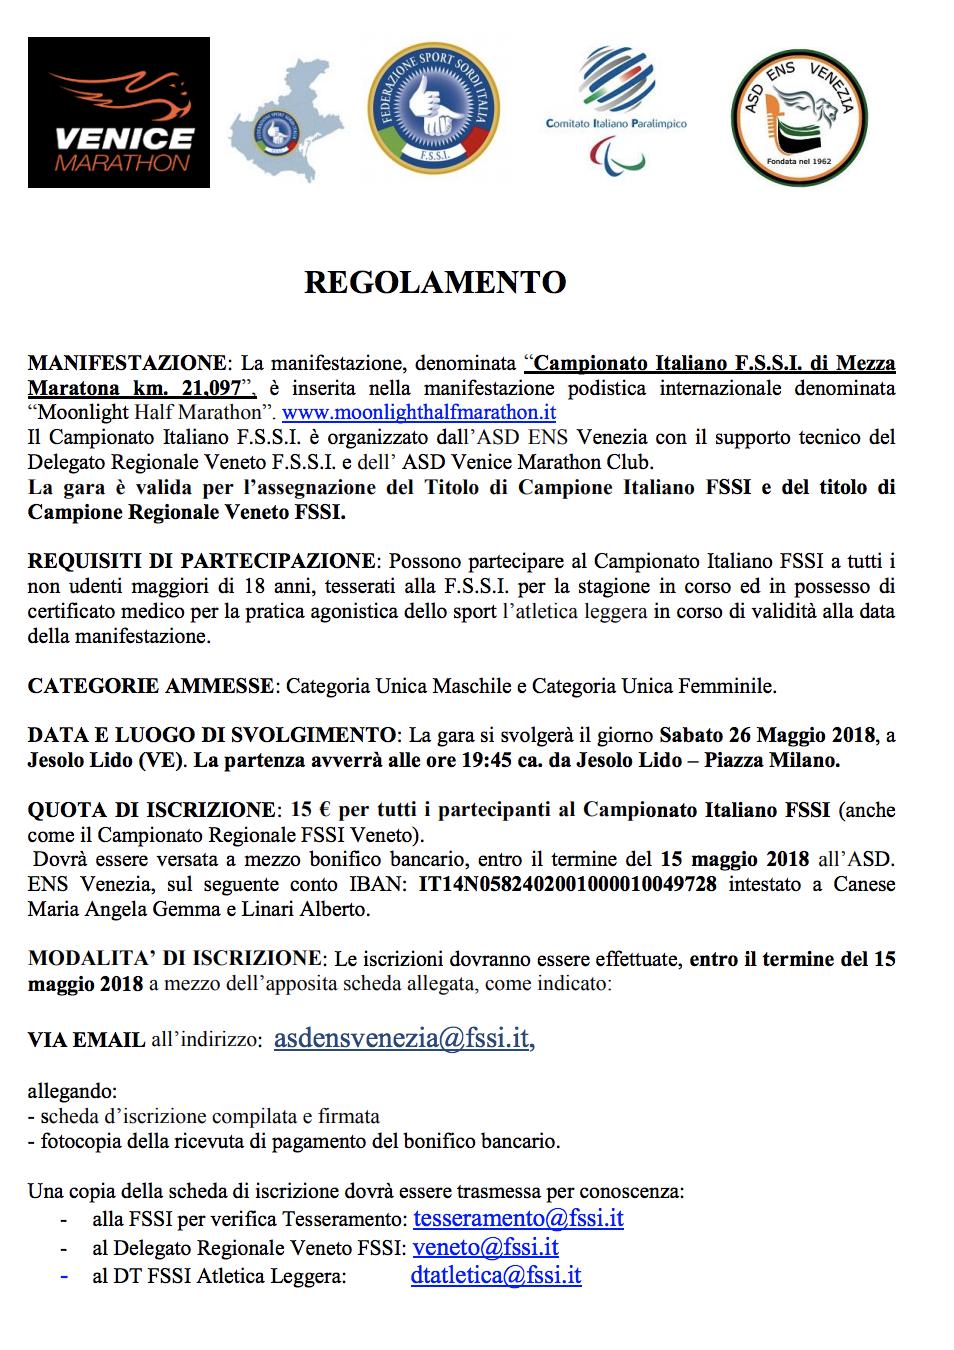 Calendario Mezze Maratone 2020 Italia.Atletica Leggera Mezza Maratona Fssi